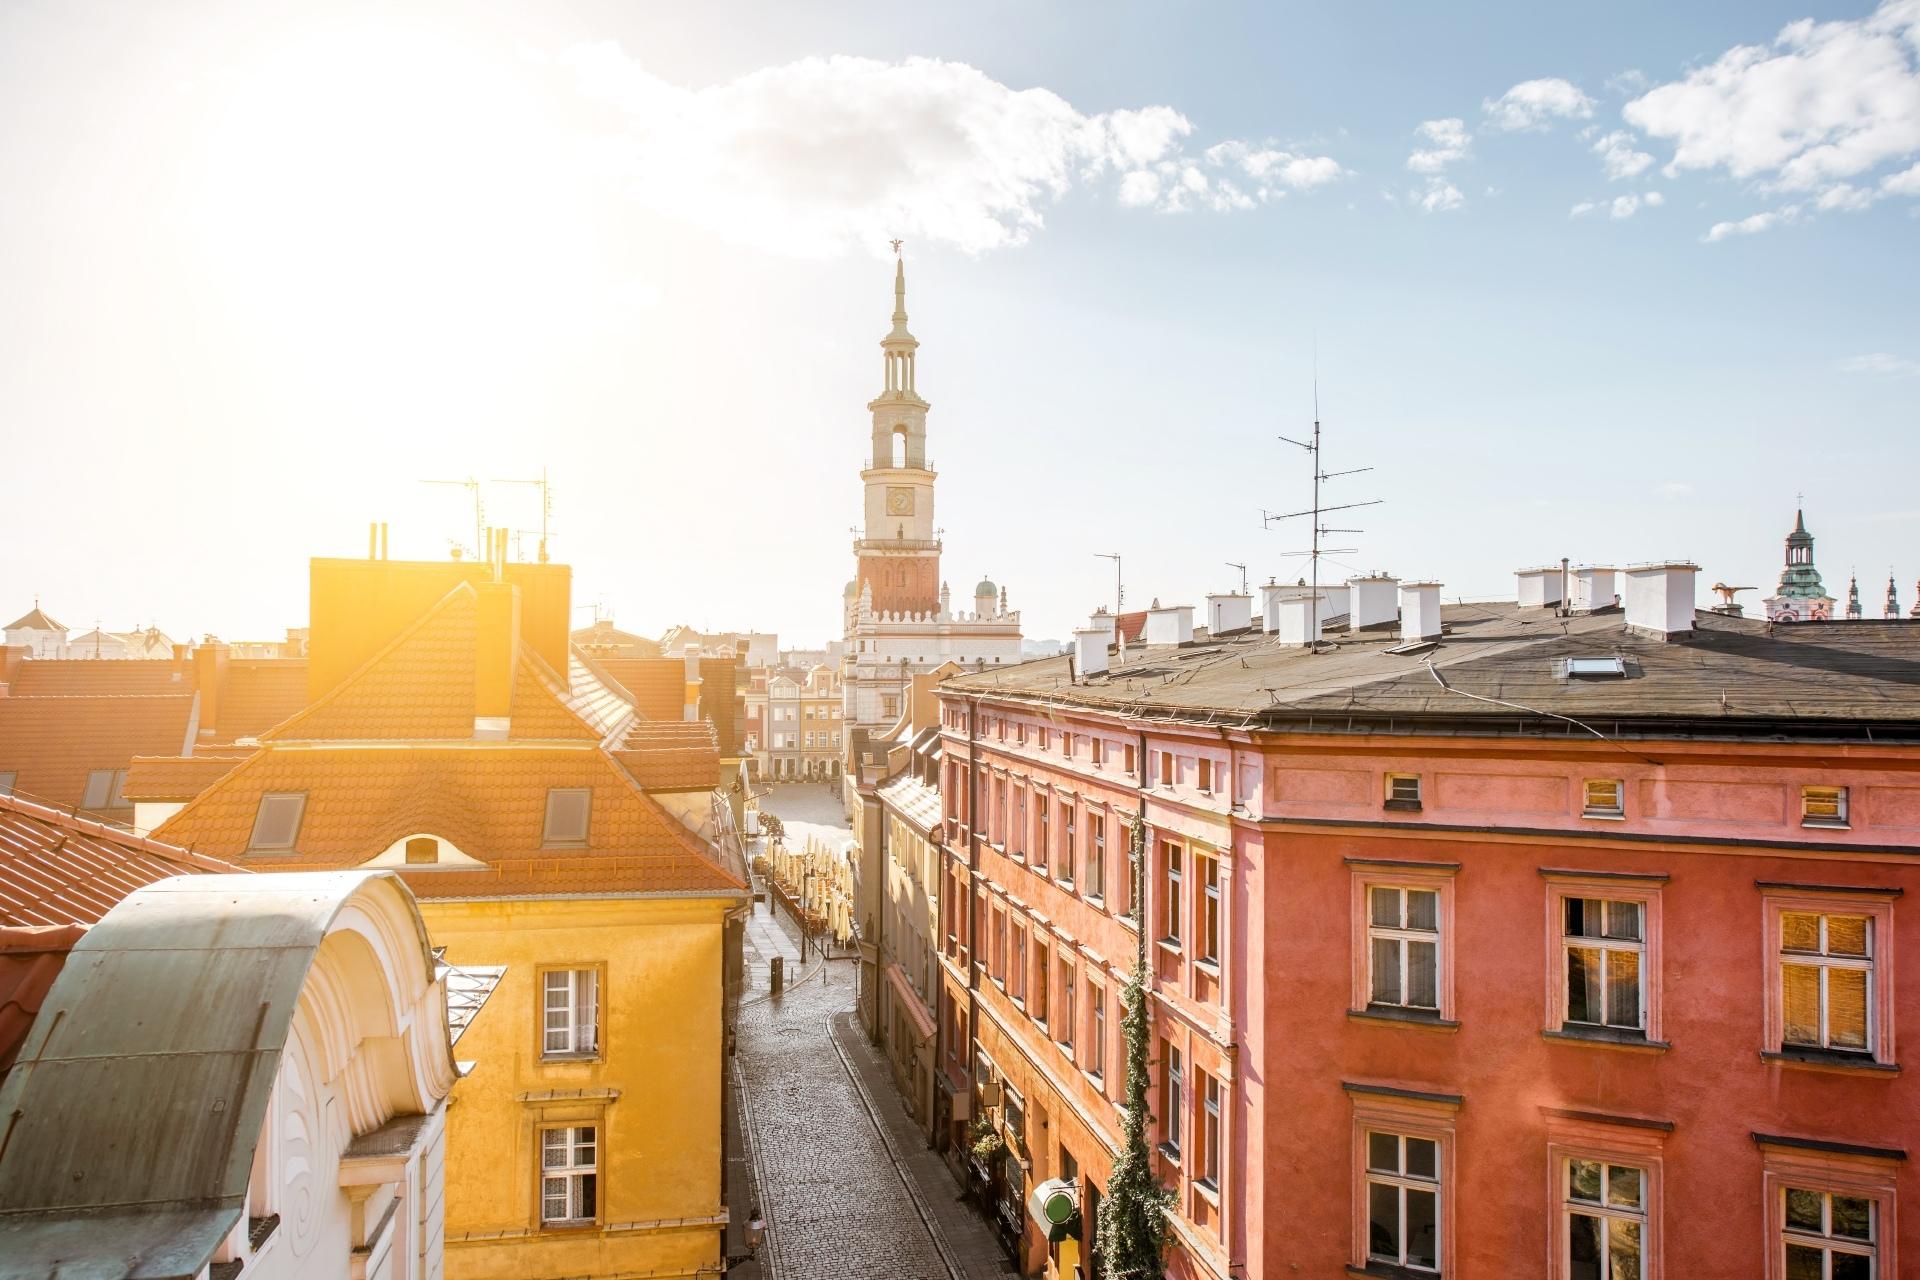 ポズナンの旧市街 ポーランドの風景